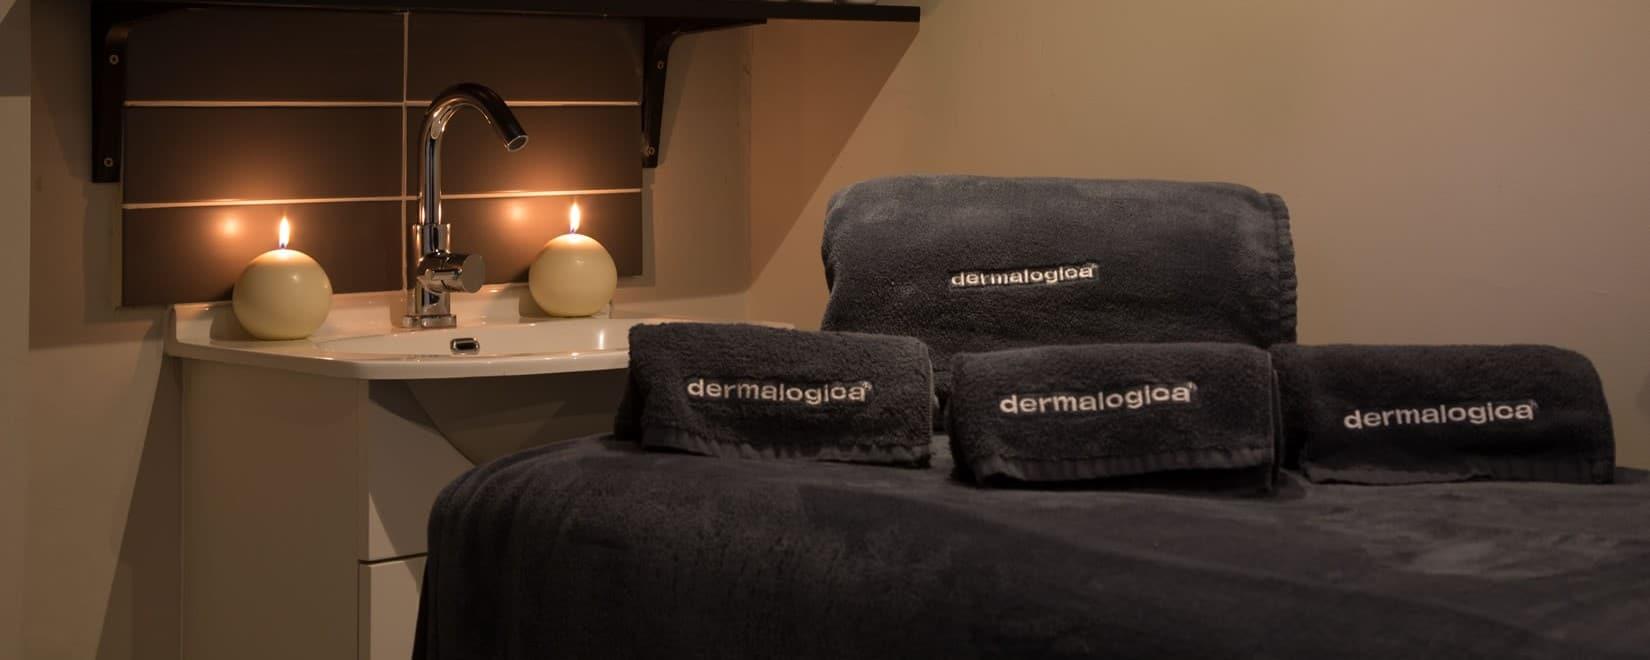 M Salons - Hairdressers Bishops Stortford - Dermalogica Massage